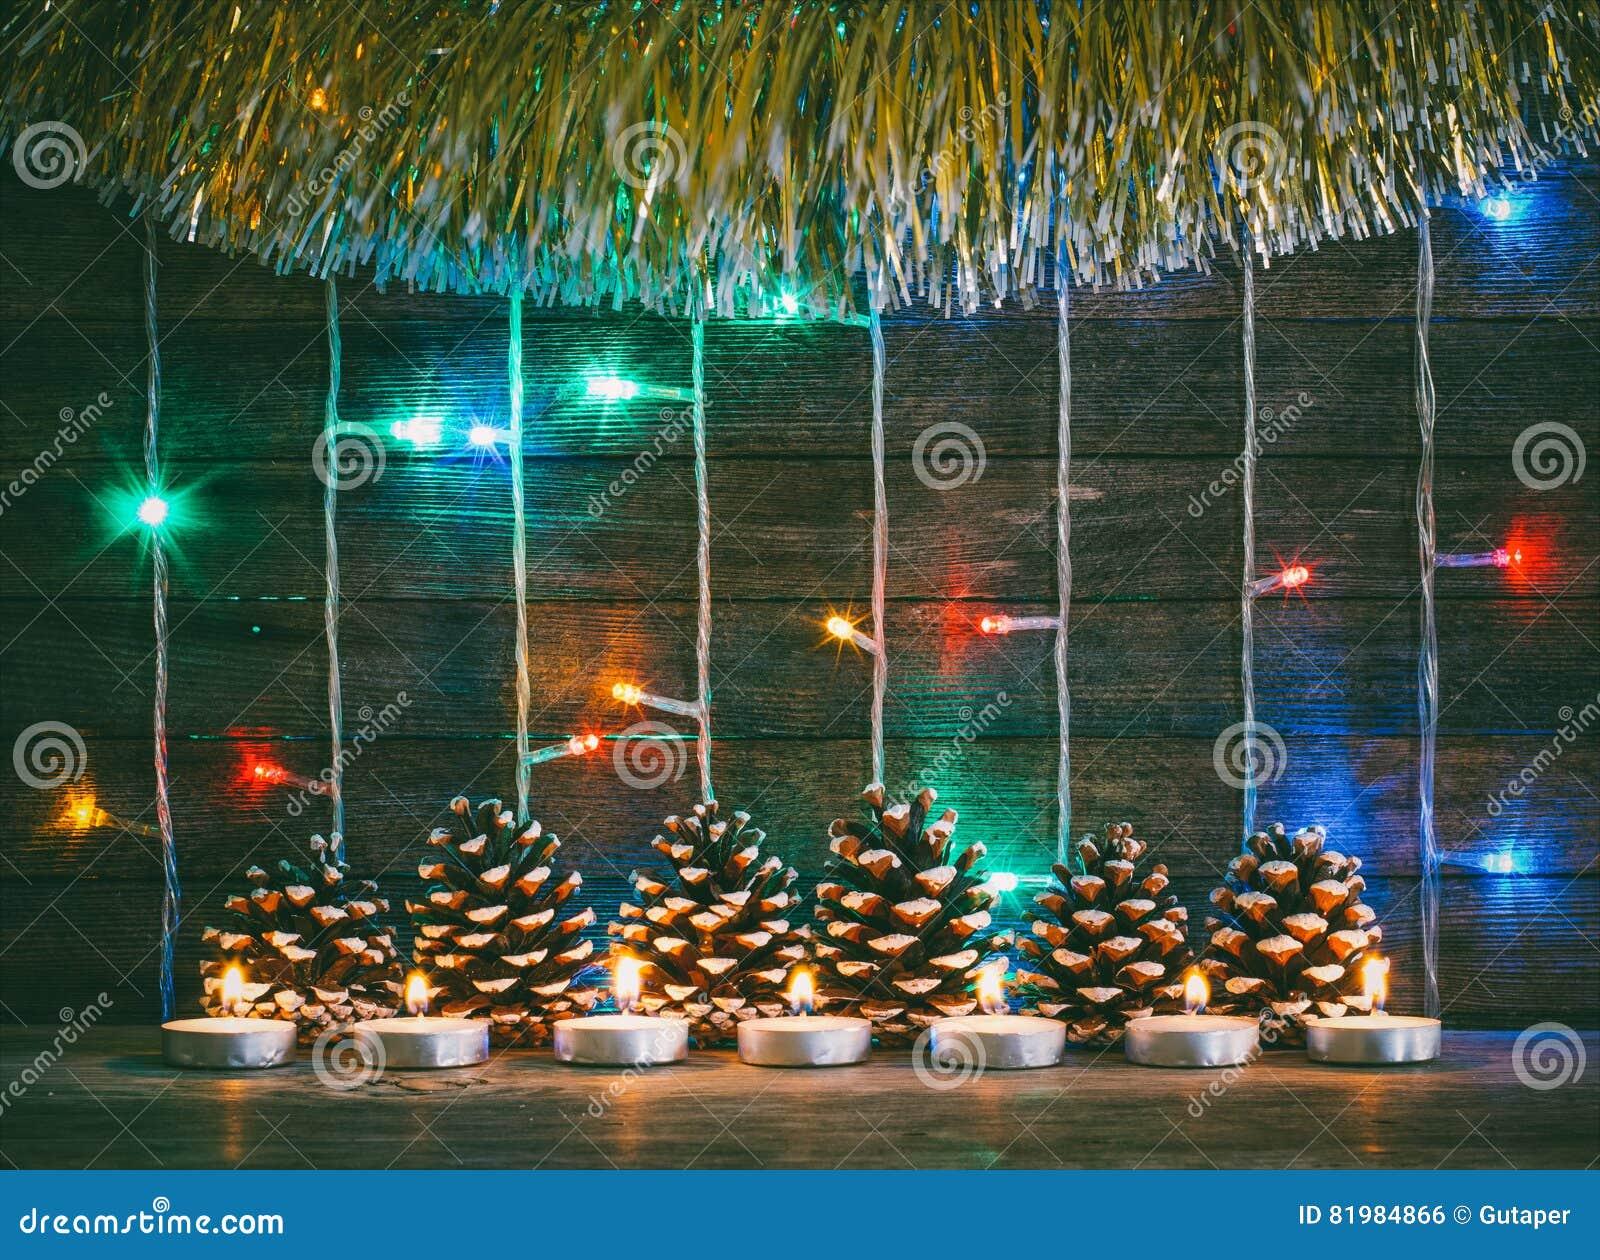 Luces coloridas de guirnaldas, de conos de abeto y de velas en el fondo de los viejos tableros del granero